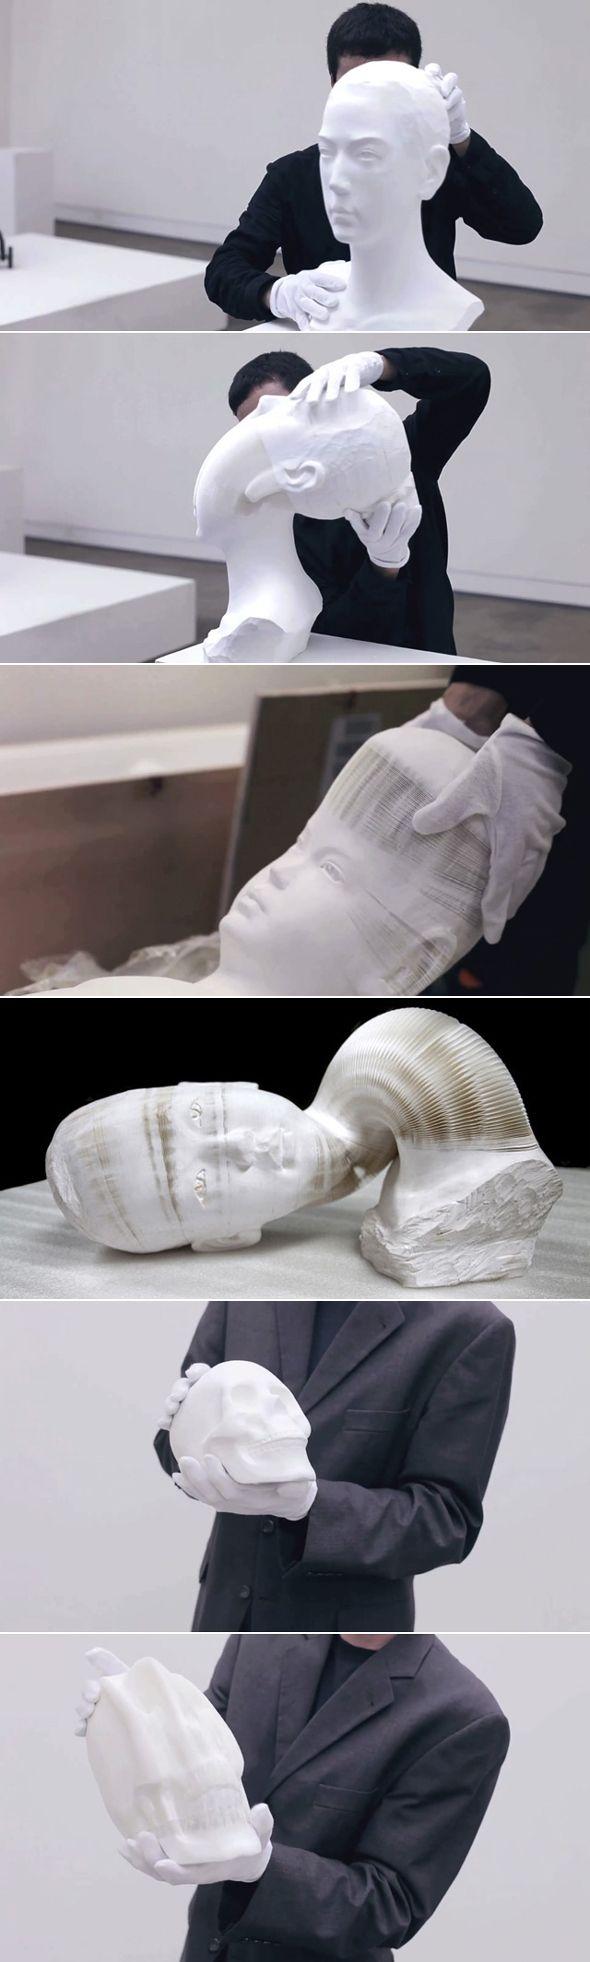 L'habit ne fait pas le moine    L'artiste et éditeur de livre Li Hongbo, basé à Pékin, réalise toute une série d'oeuvres sur le thème du corps humain. Fasciné par les jouets chinois traditionnels et les décorations festives, il s'inspire de ce principe pour concevoir ses projets. Ce qui semble d'abord être de banales mais délicates sculptures en porcelaine sont en réalité composées de milliers de couches de papier blanc dissimulant un secret.    Cela donne des sculptures très flexibles,